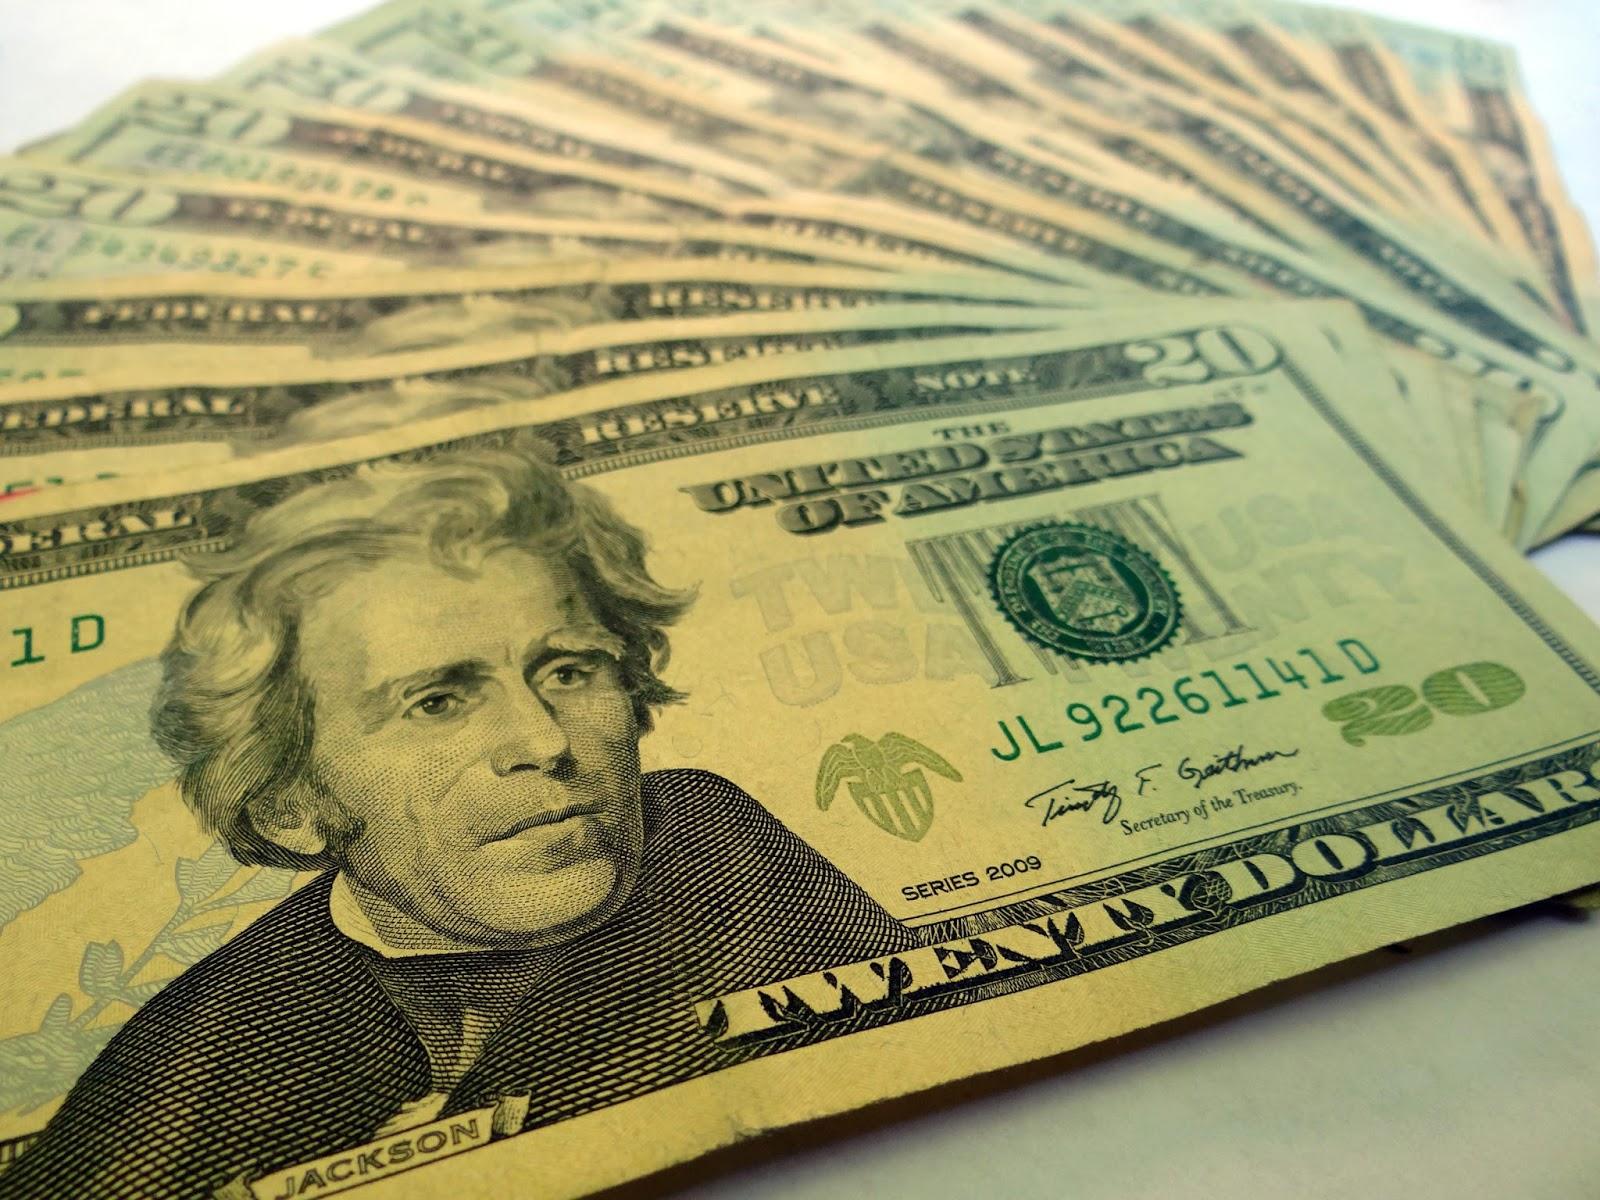 Sognare di vincere dei soldi